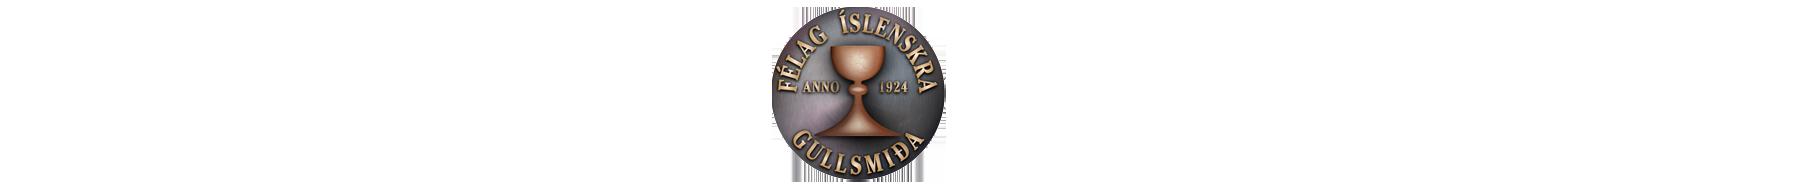 Félag íslenskra gullsmida Logo